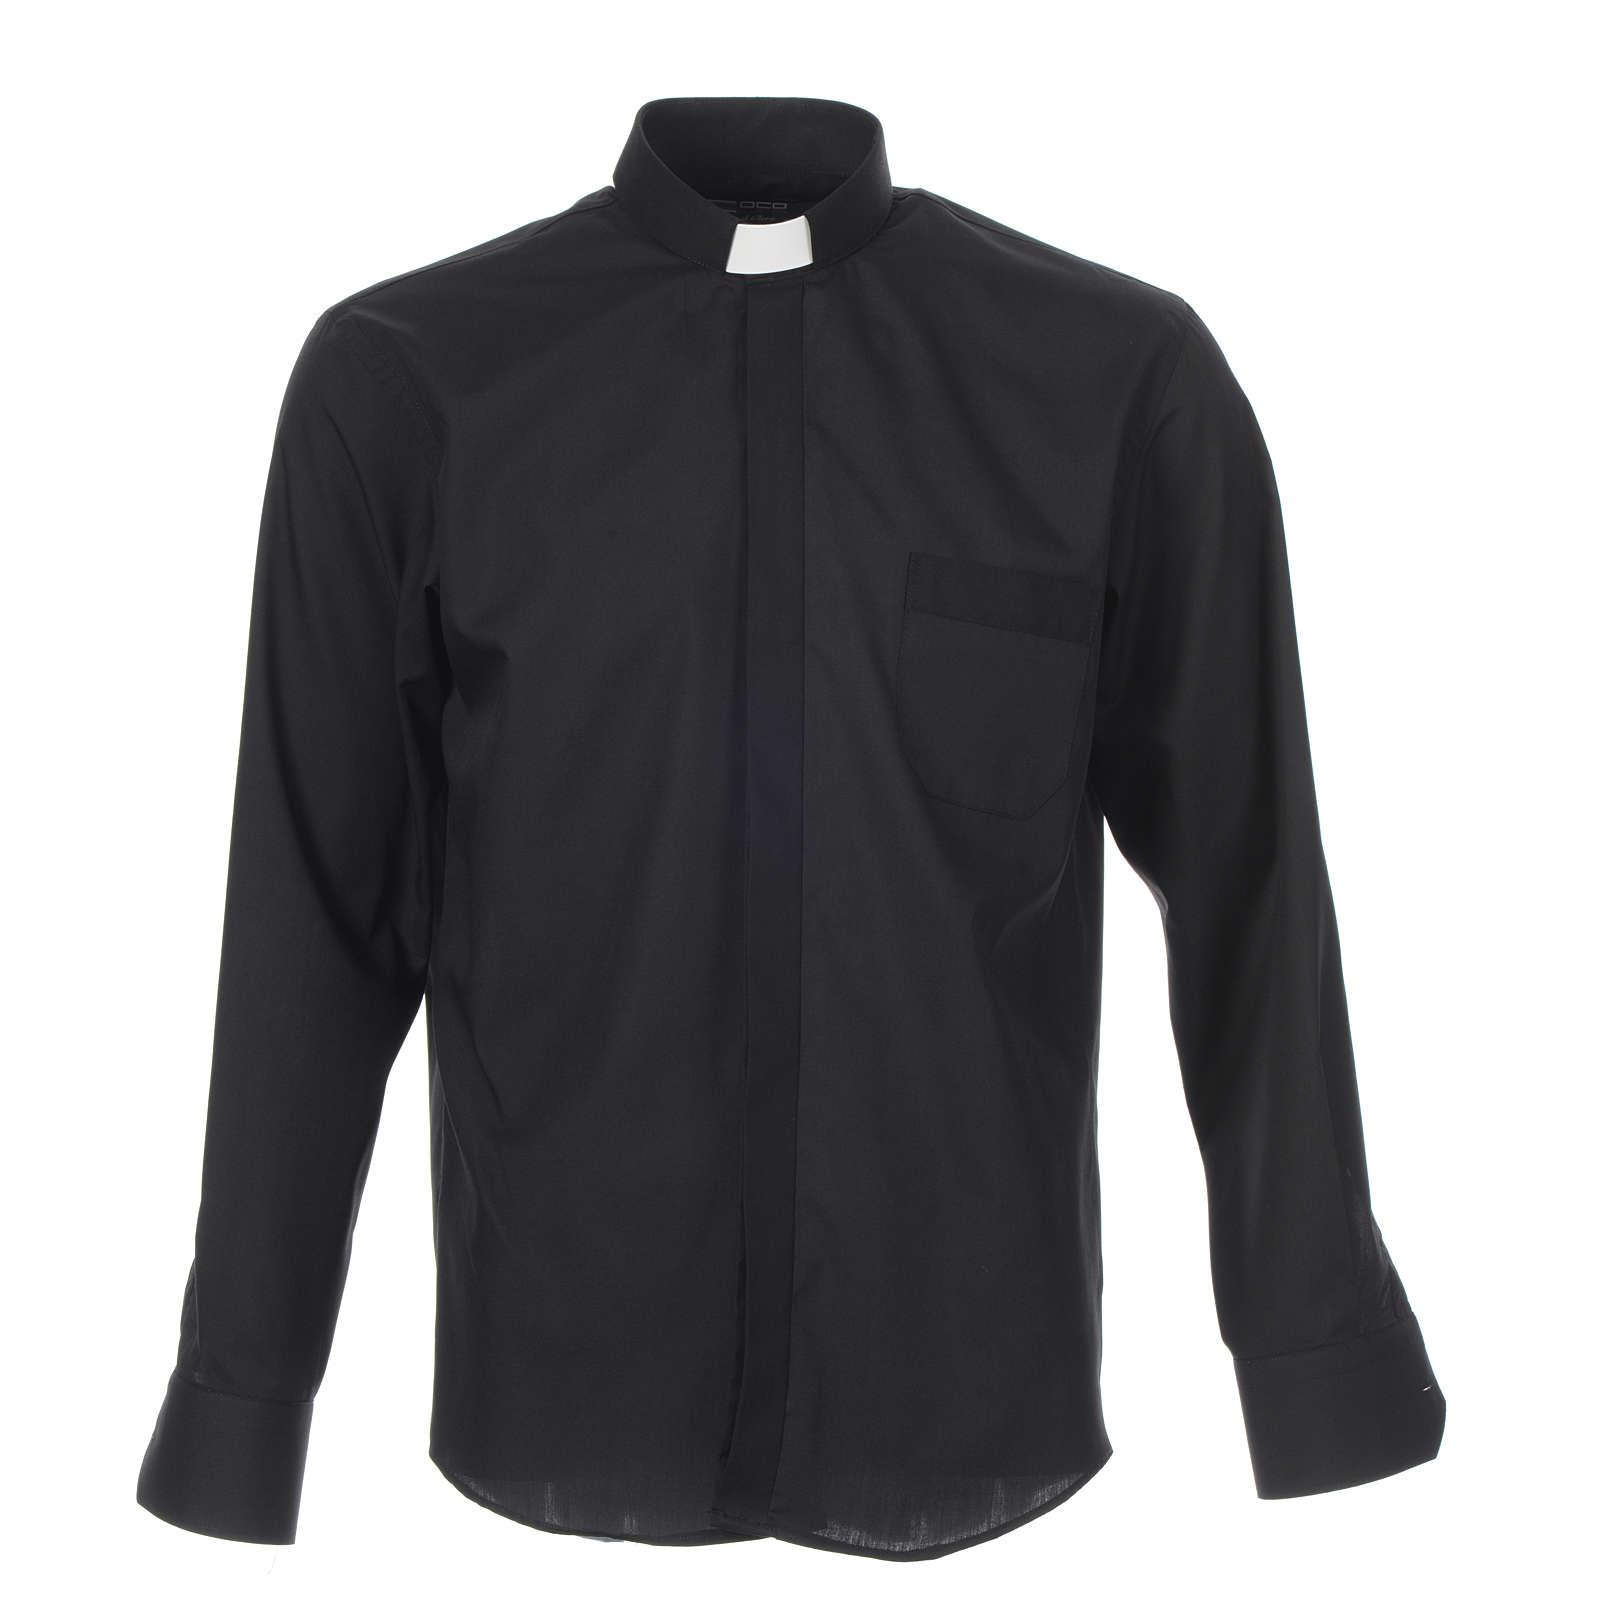 Collarhemd einfarbig mit feinen diagonalen Streifen Farbe Schwarz Langarm 4